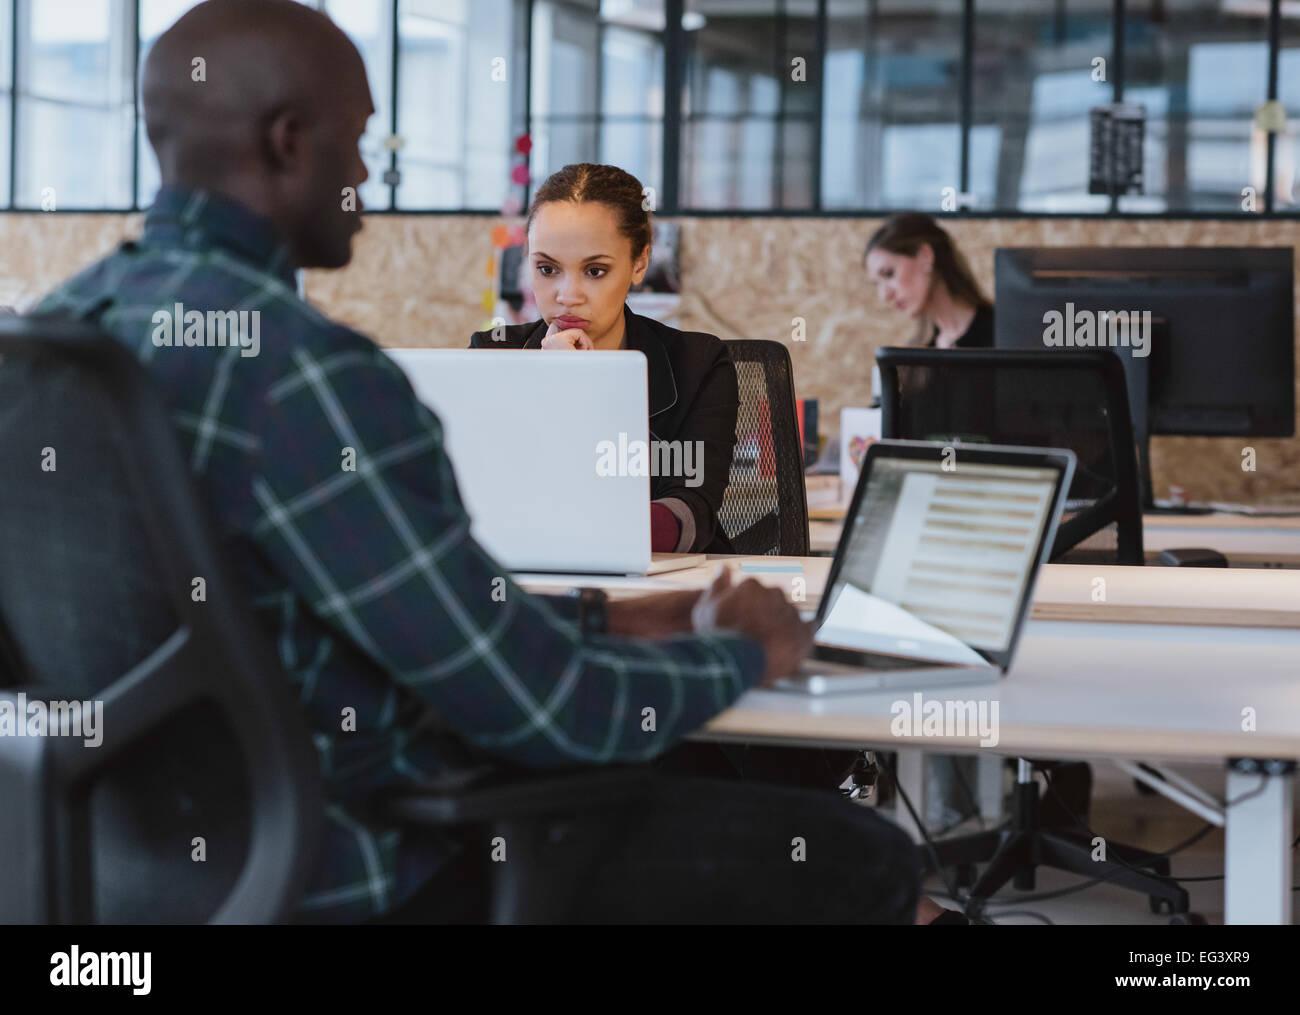 Junge afrikanische Frau sitzt an ihrem Schreibtisch arbeiten auf Laptop-Computer. Geschäftsfrau Laptop-Bildschirm Stockbild